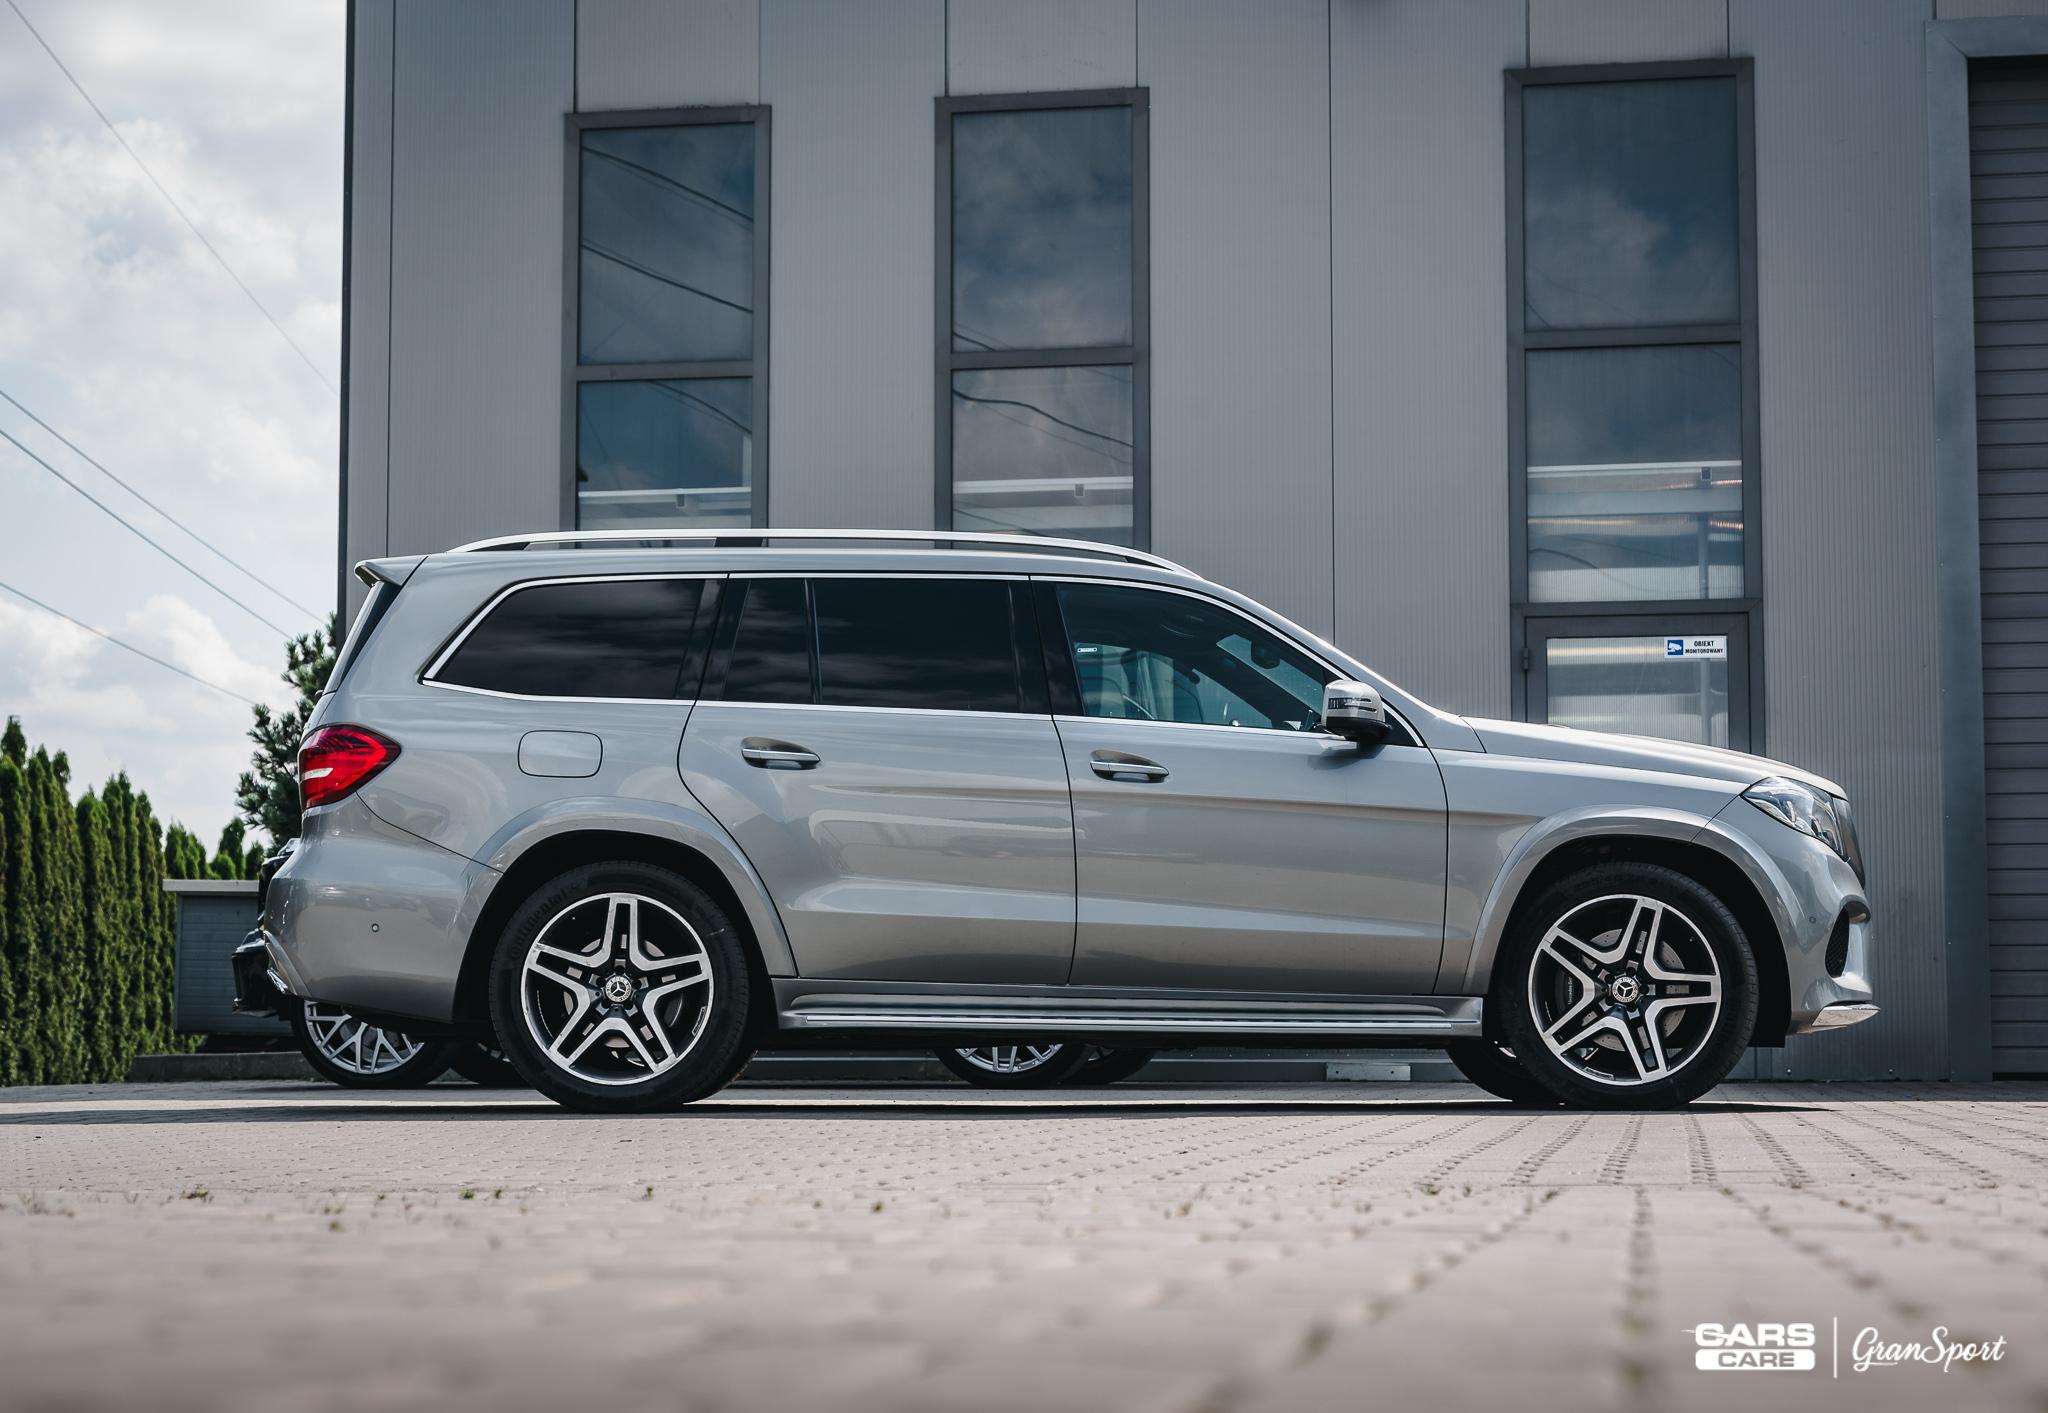 Mercedes GLS Brabus